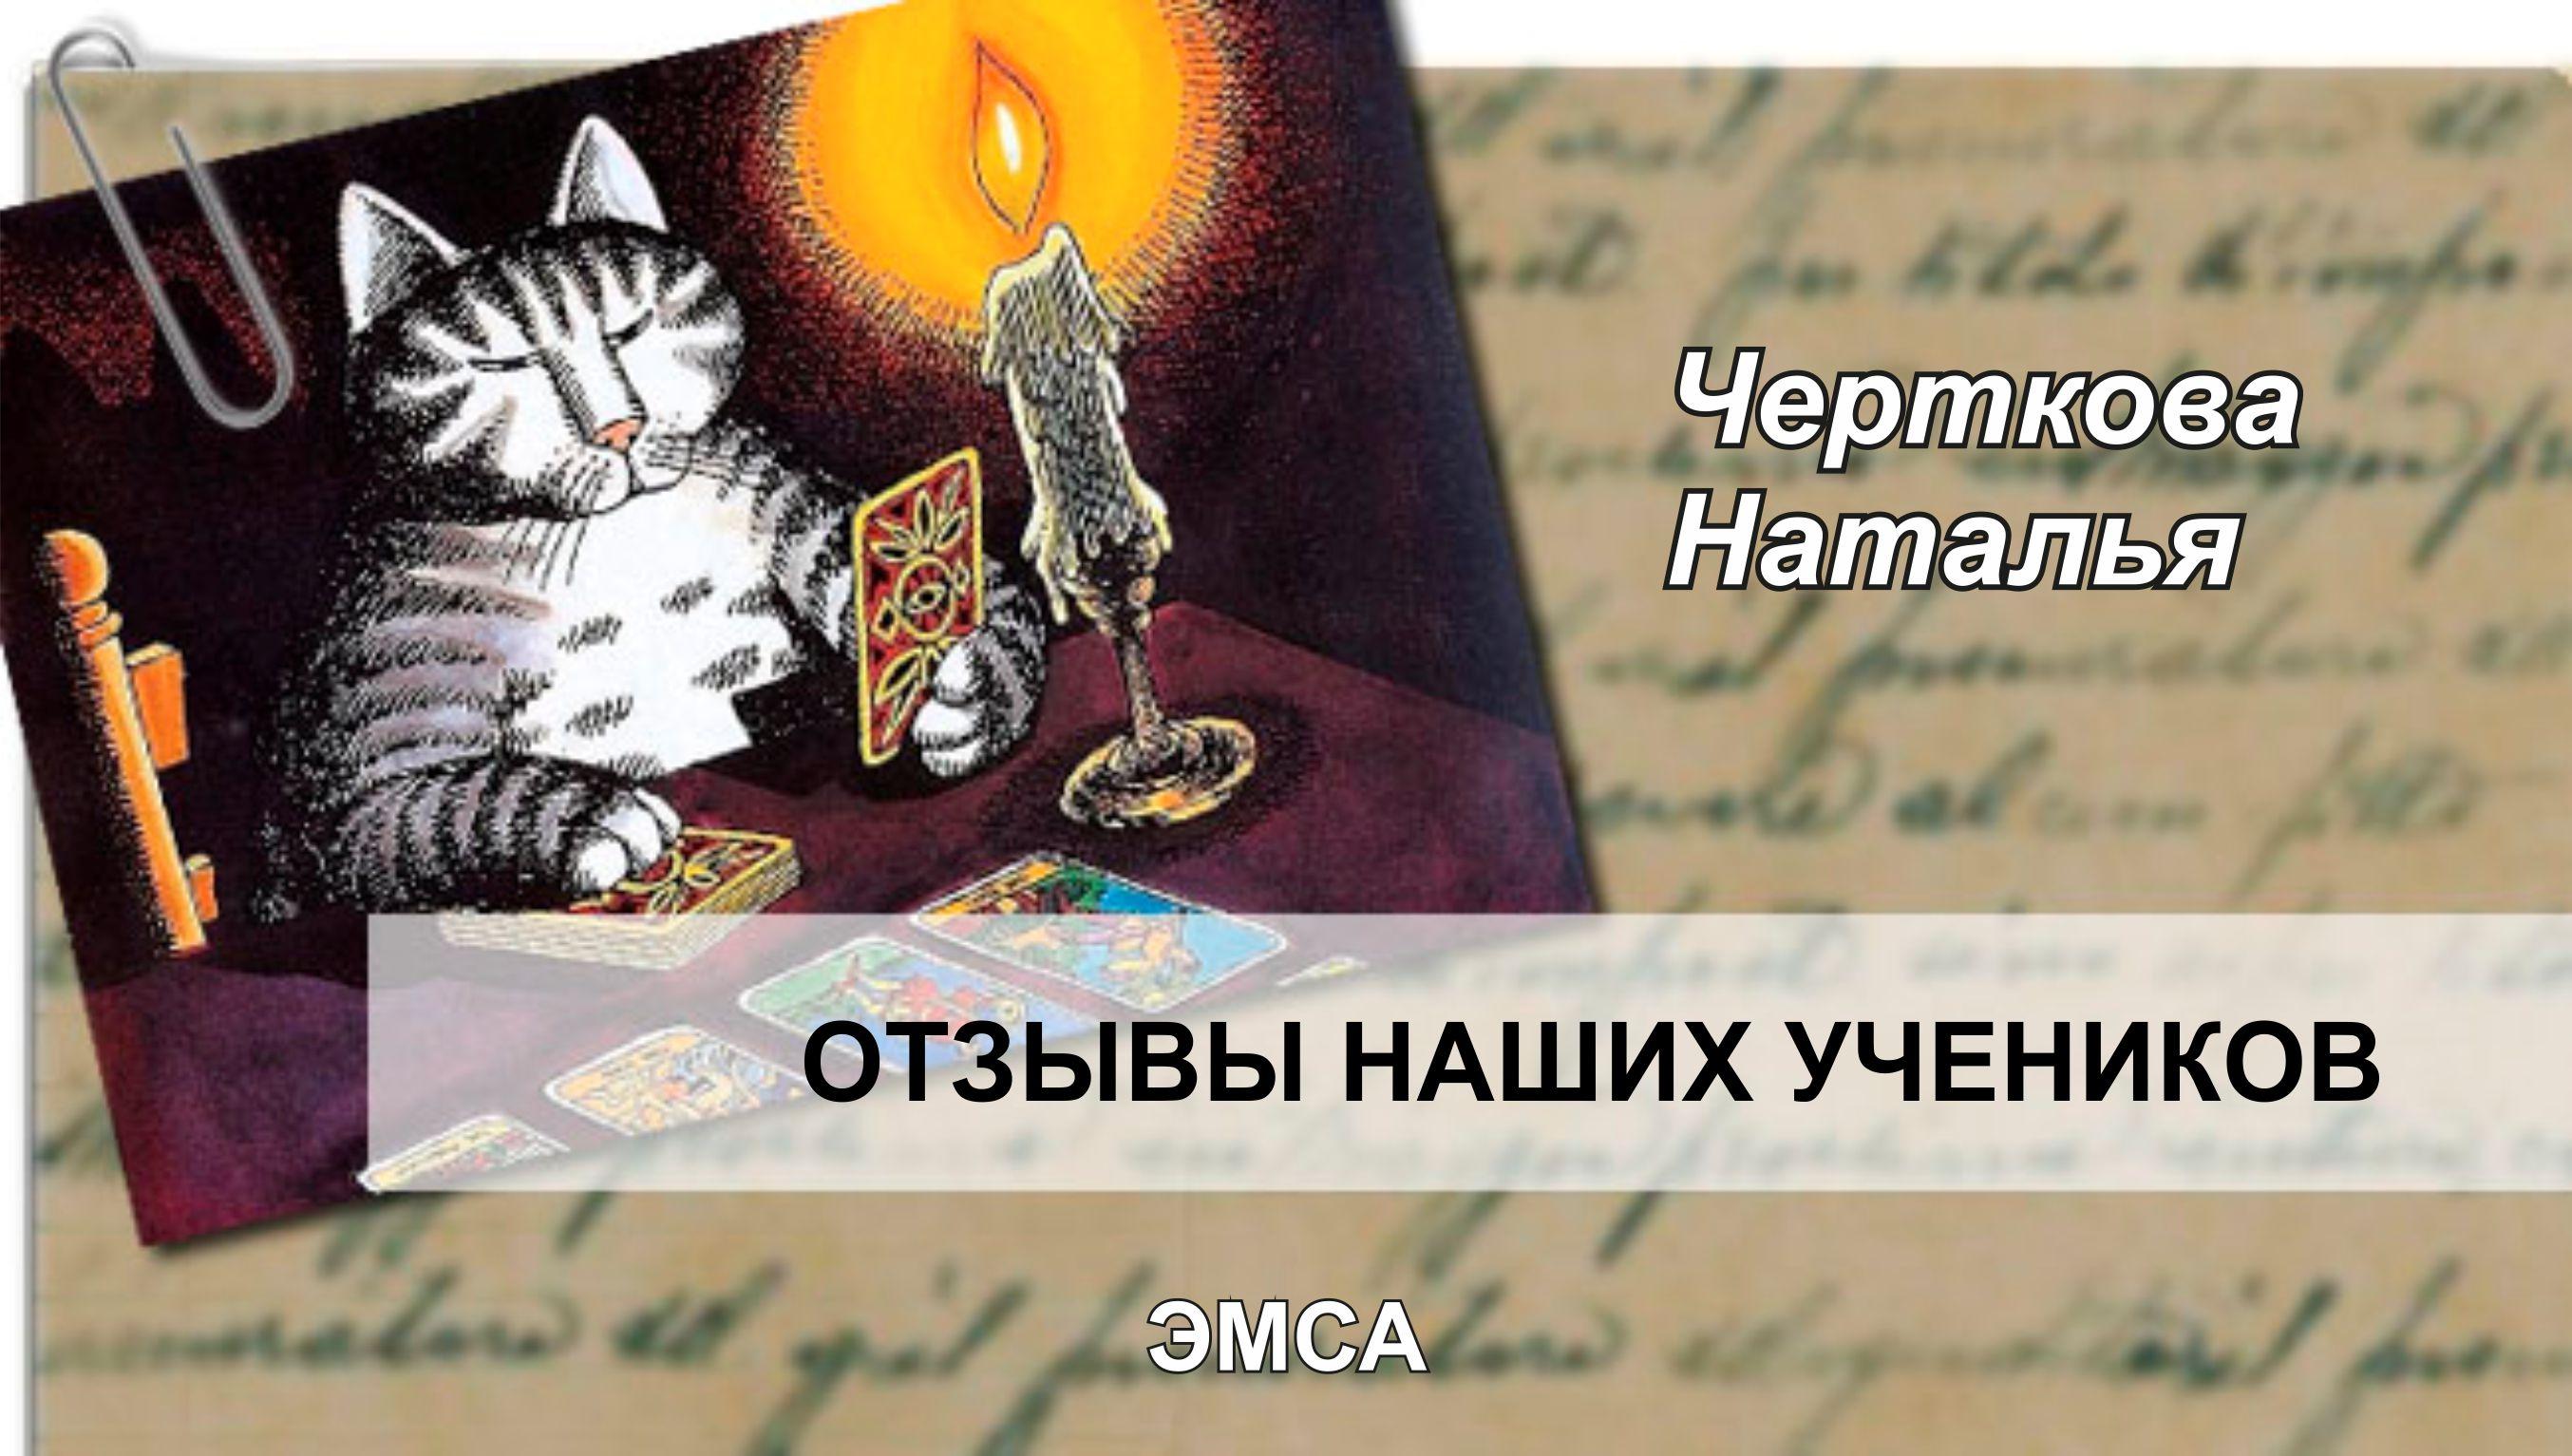 Черткова Наталья отзыв ЭМСА